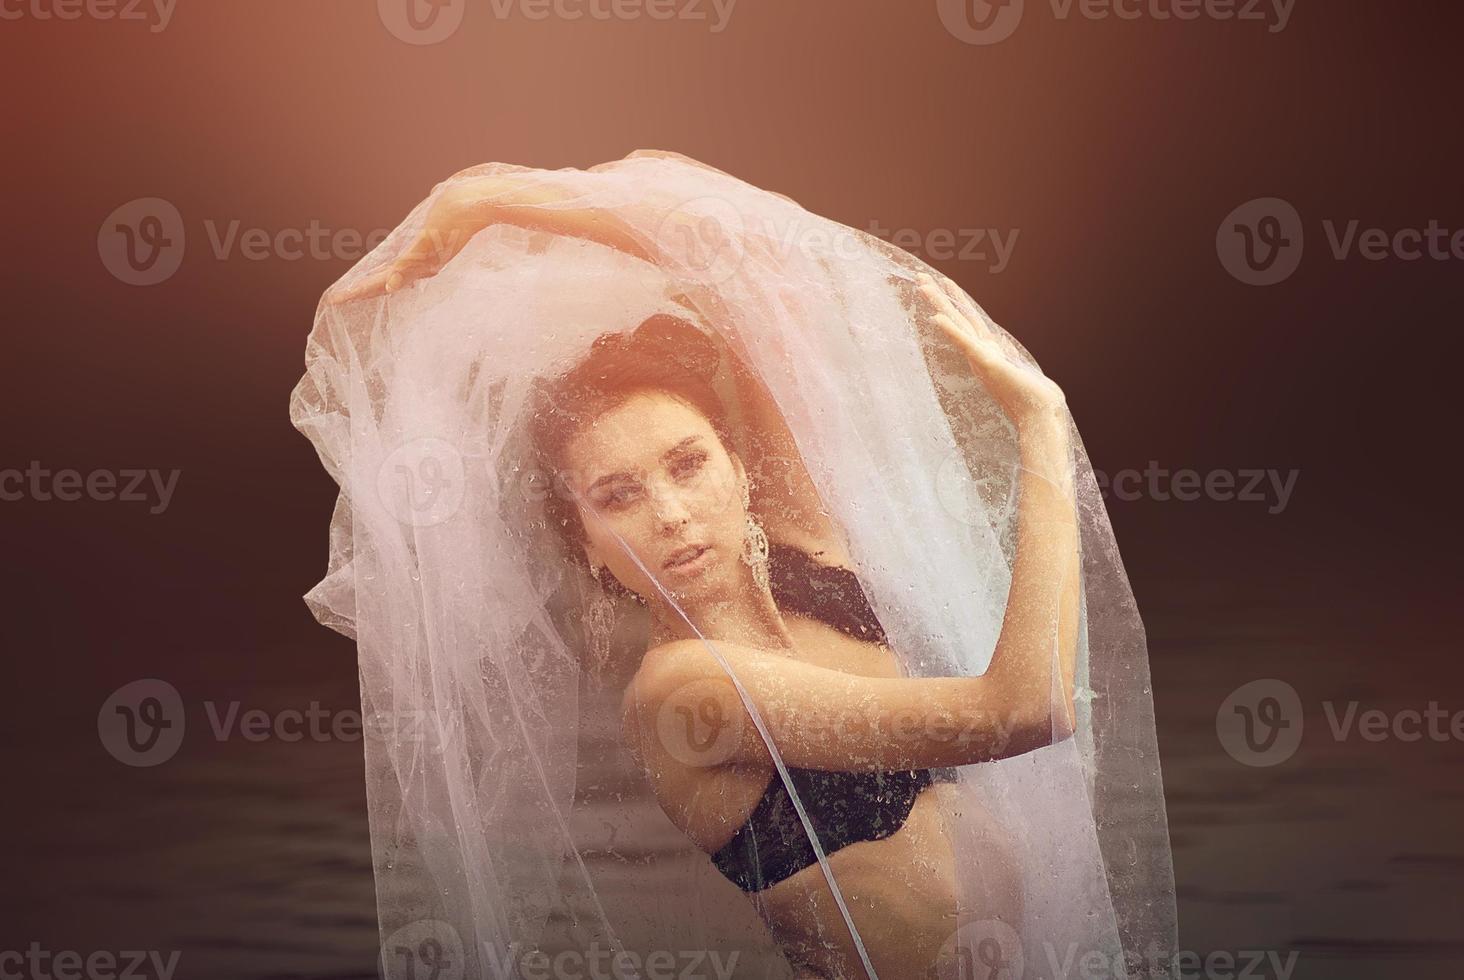 geheimnisvolles und modisches Porträt einer sinnlichen Frau mit Schleierabdeckung foto